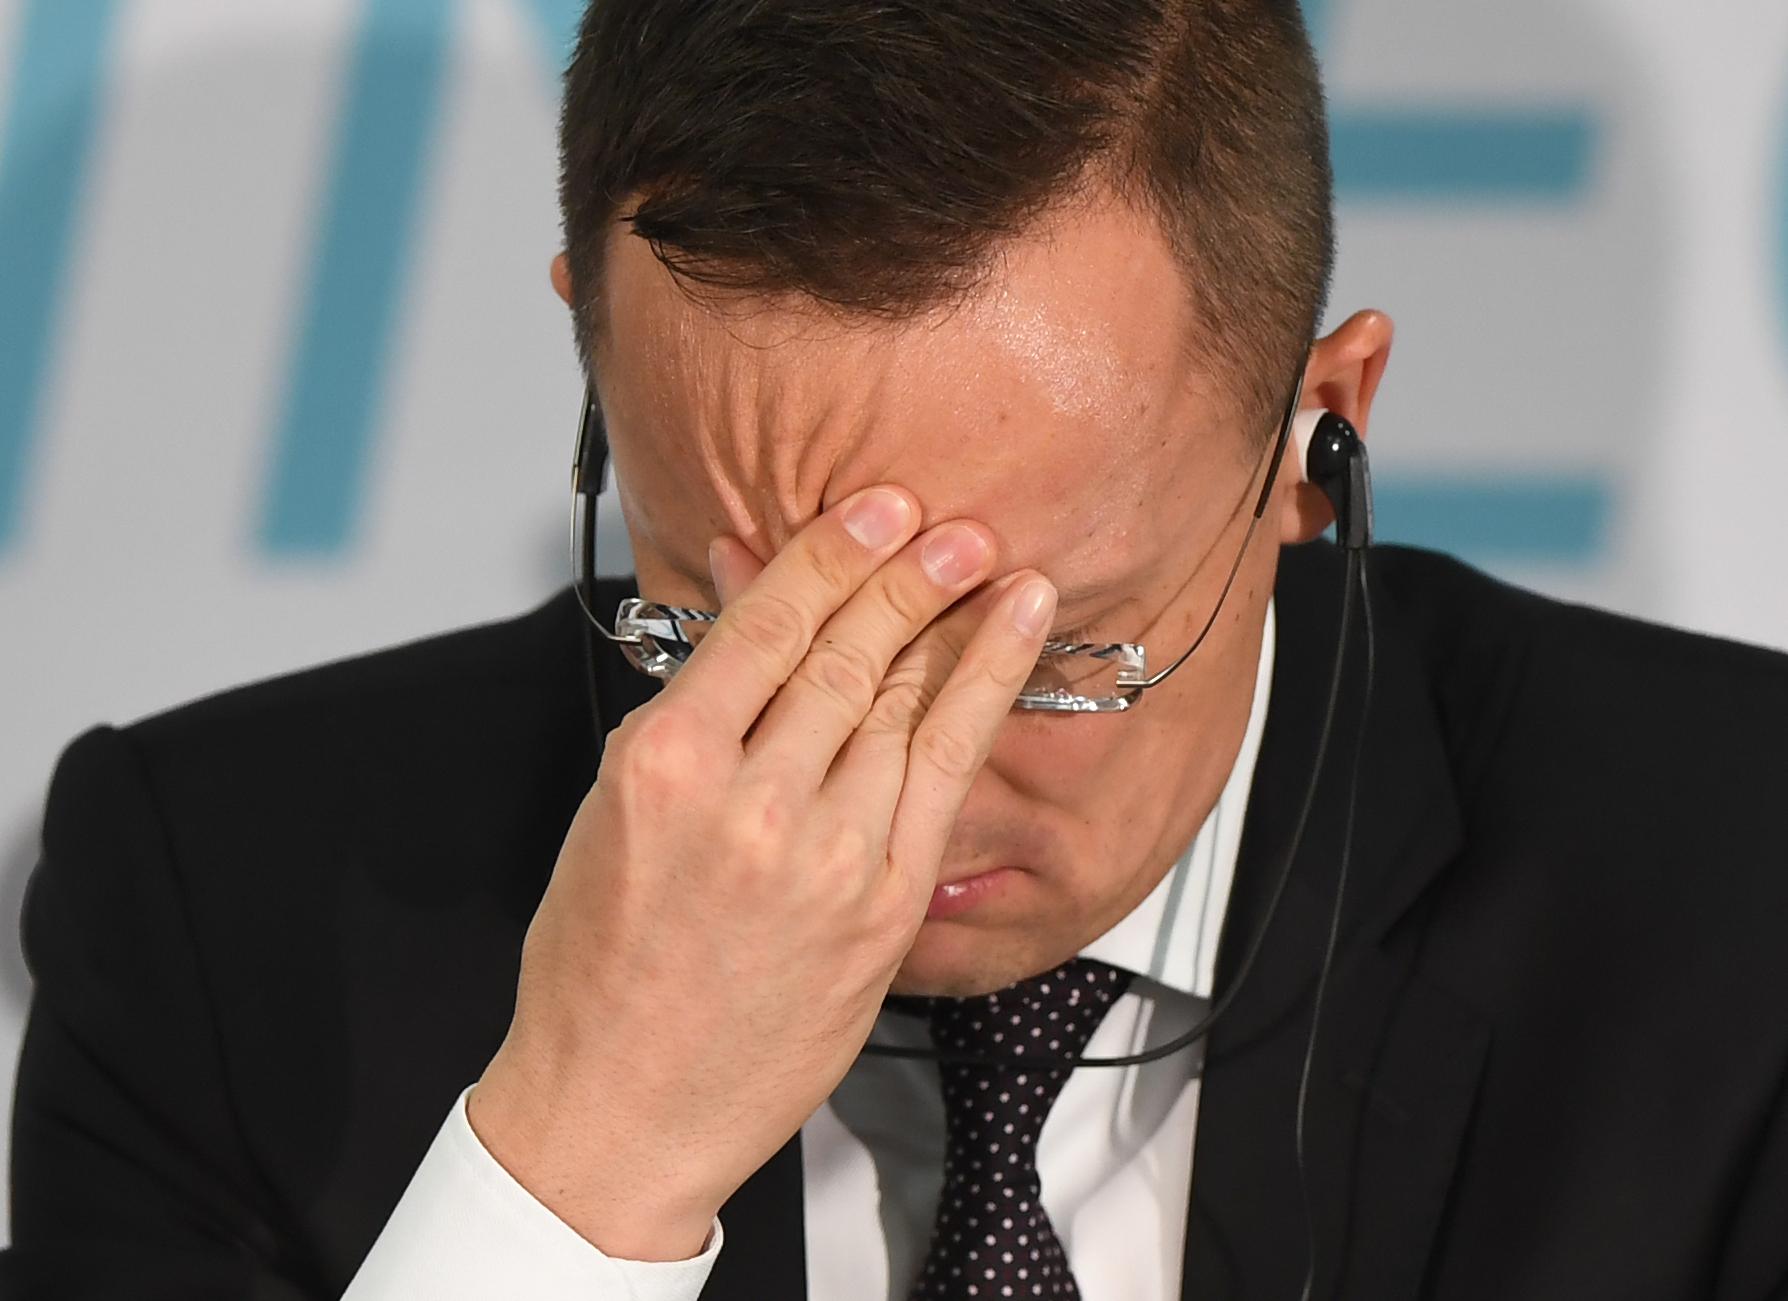 Szijjártó rajtamaradt a választási kampányon: ezt a Soros-tervet küldte el az osztrák államfőnek